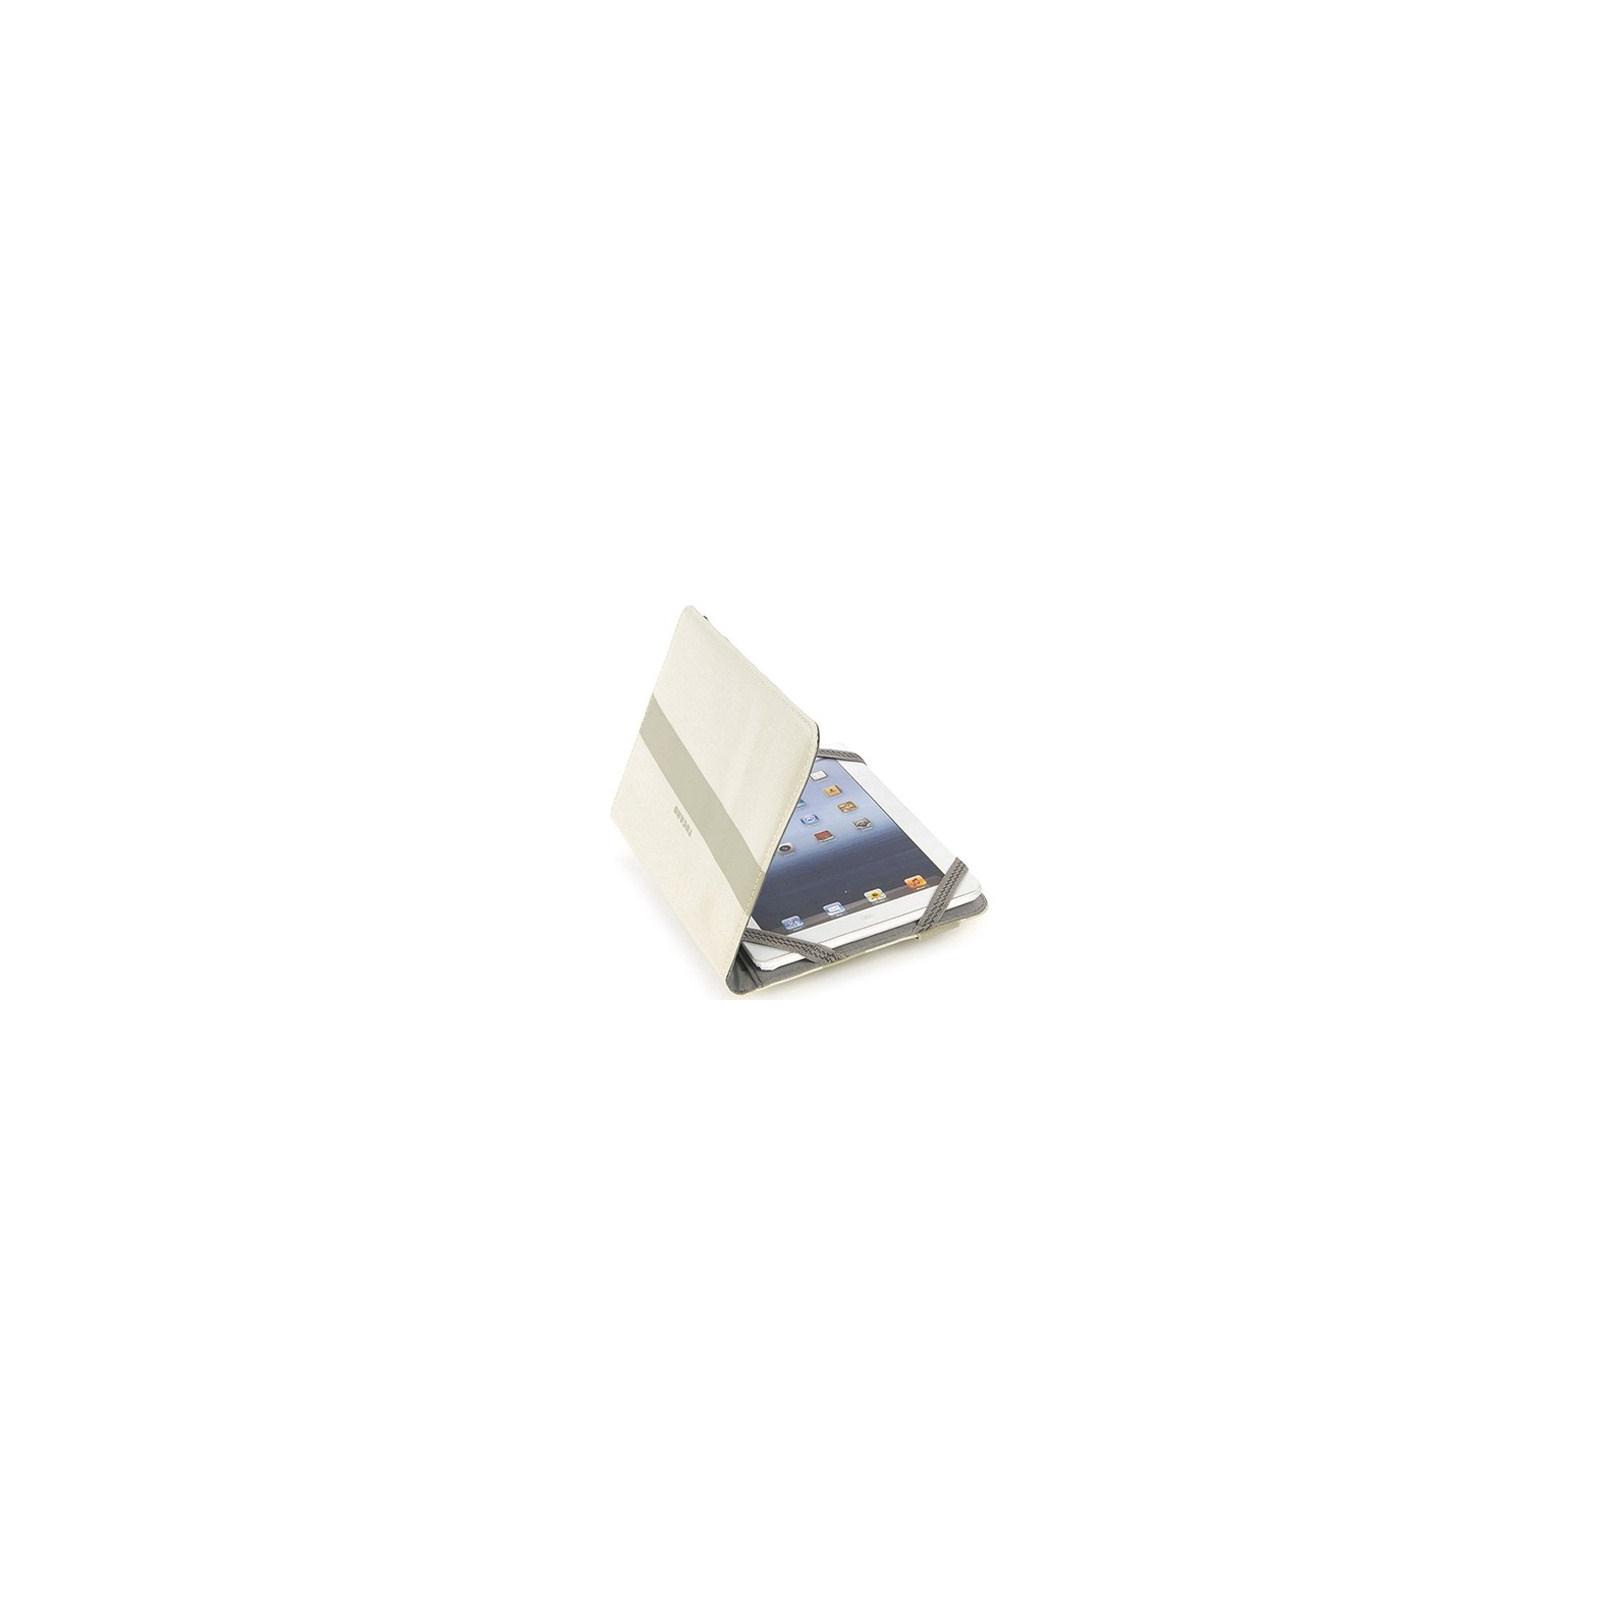 Чехол для планшета Tucano iPad mini Agenda Ice white (IPDMAG-I) изображение 2